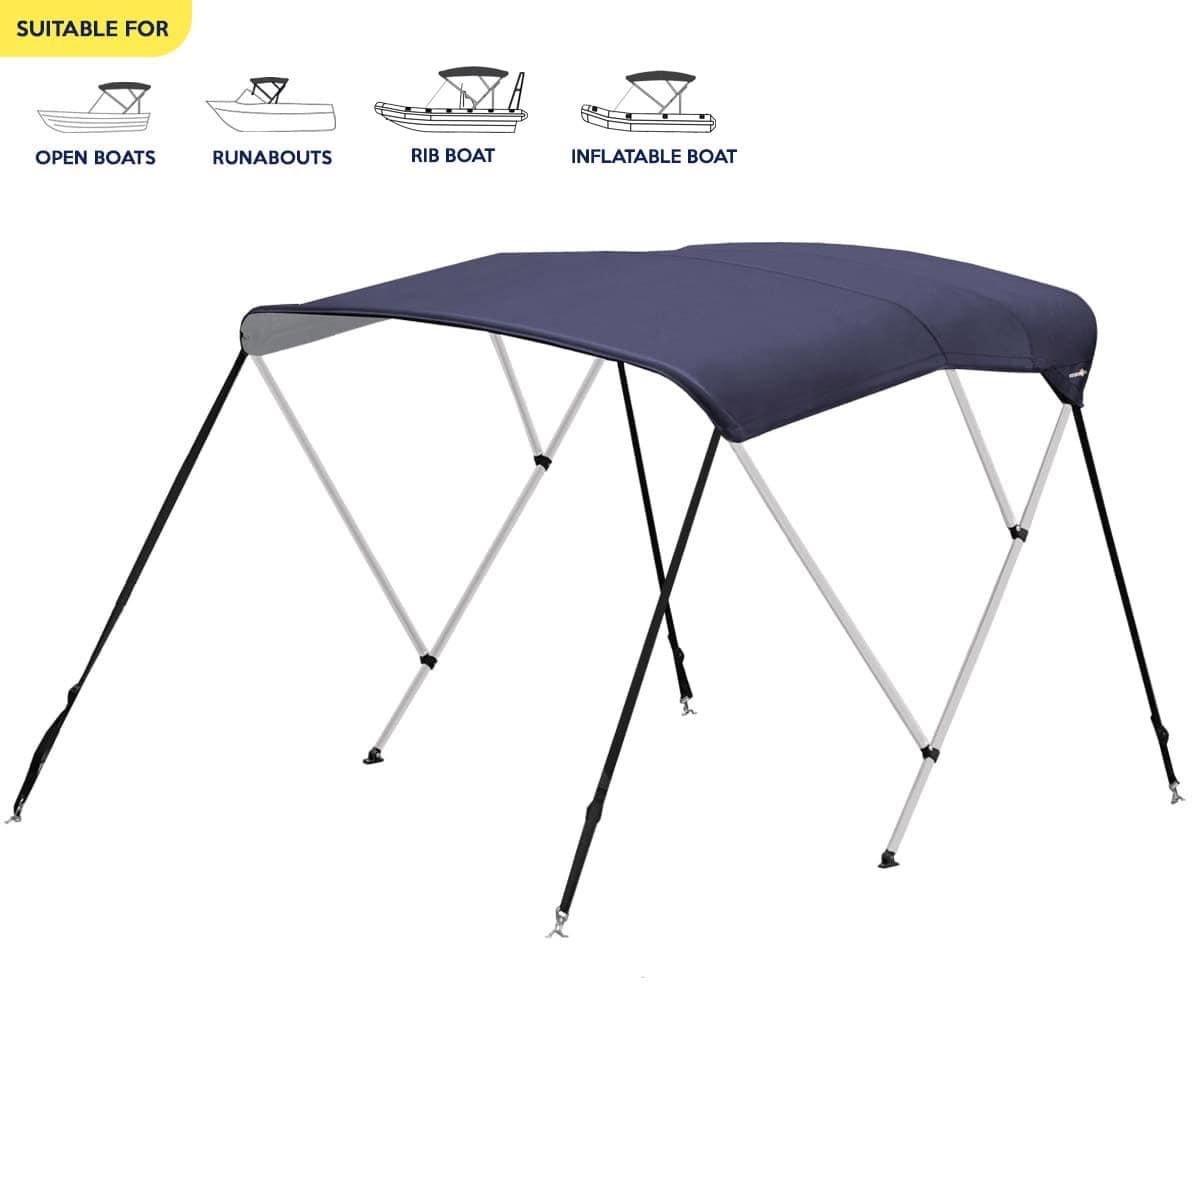 3 Bow Bimini Top/Canopy